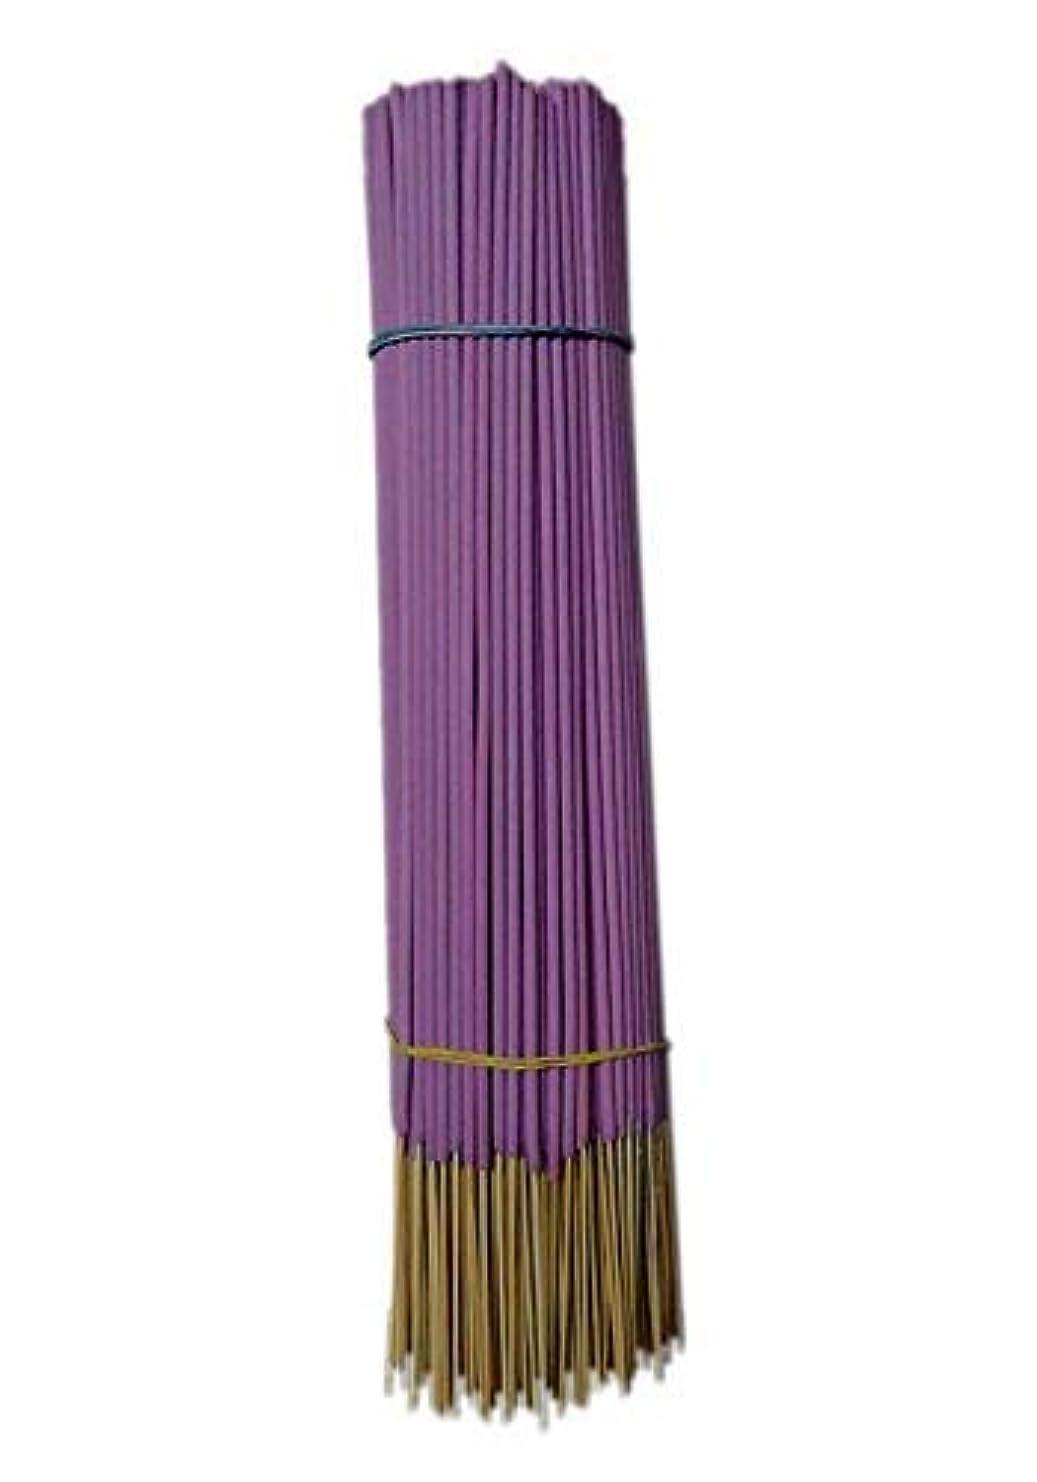 コーチぞっとするような連合AMUL Agarbatti Purple Incense Sticks (1 Kg. Pack)